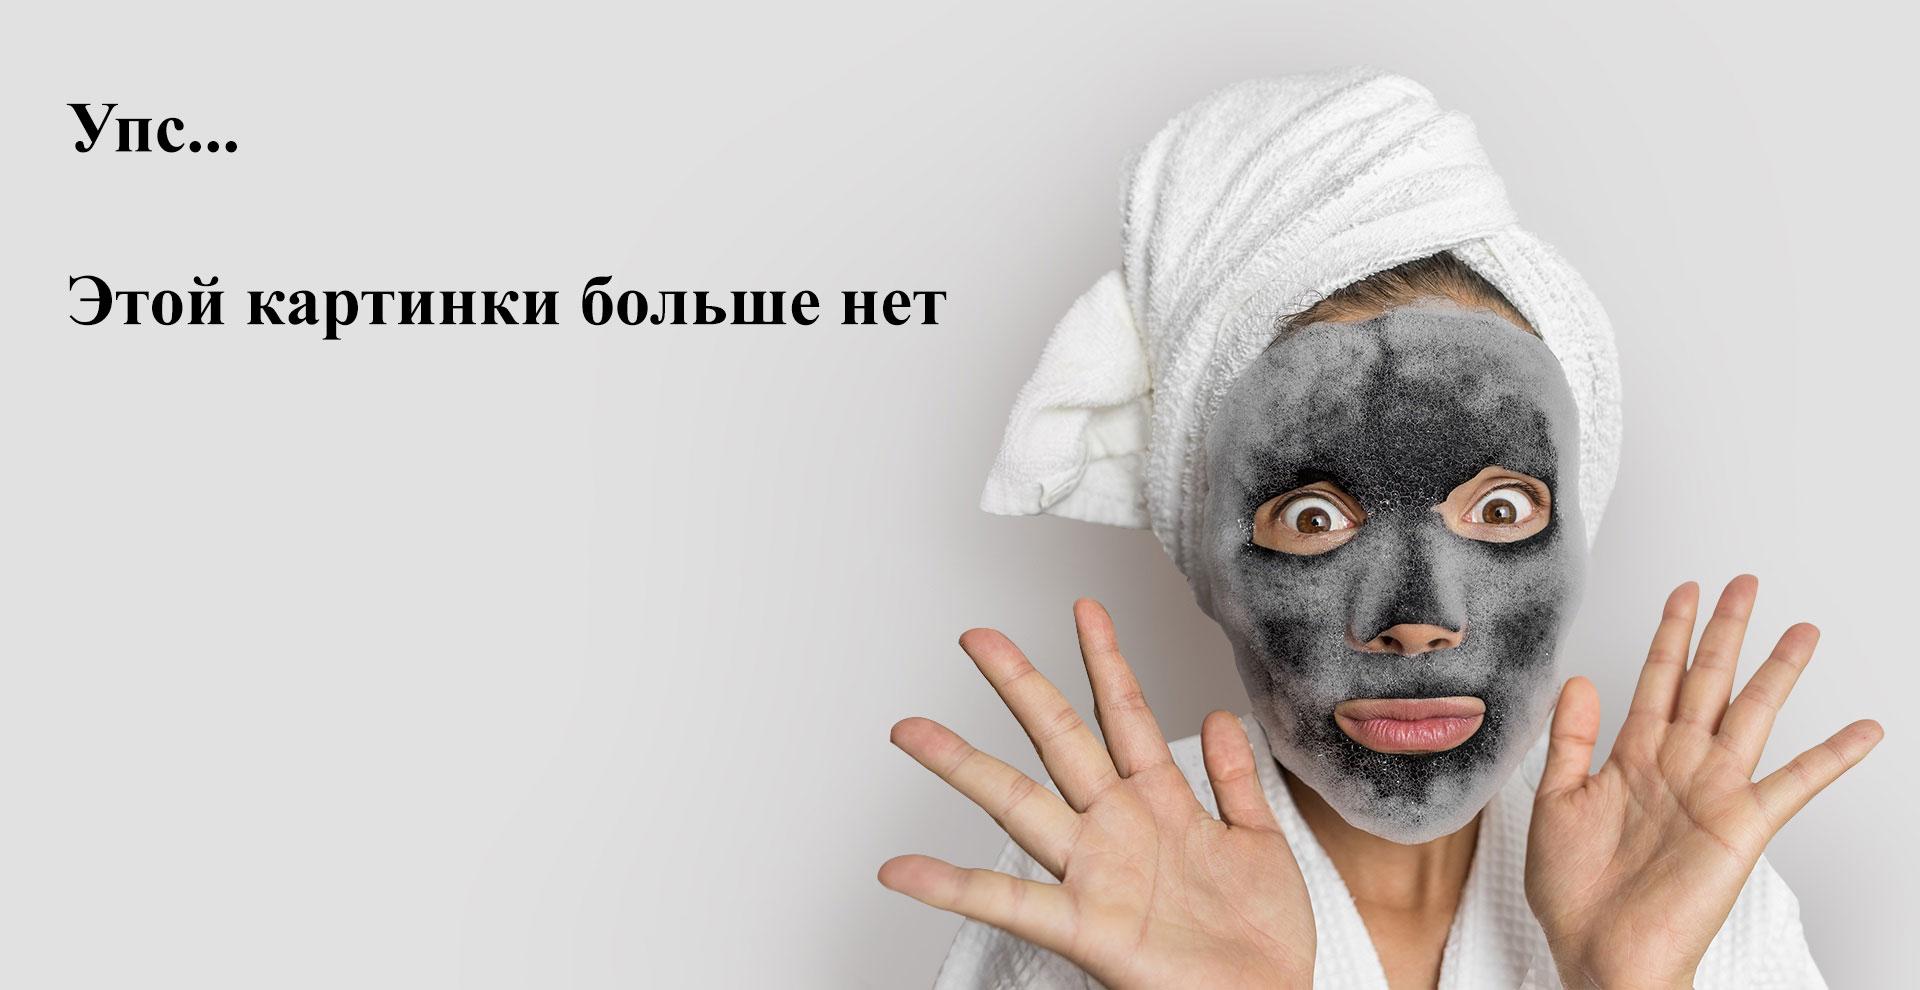 IRISK, Хна для биотатуажа бровей Eva Bond Beauty Collection, светло-коричневая, 4 г